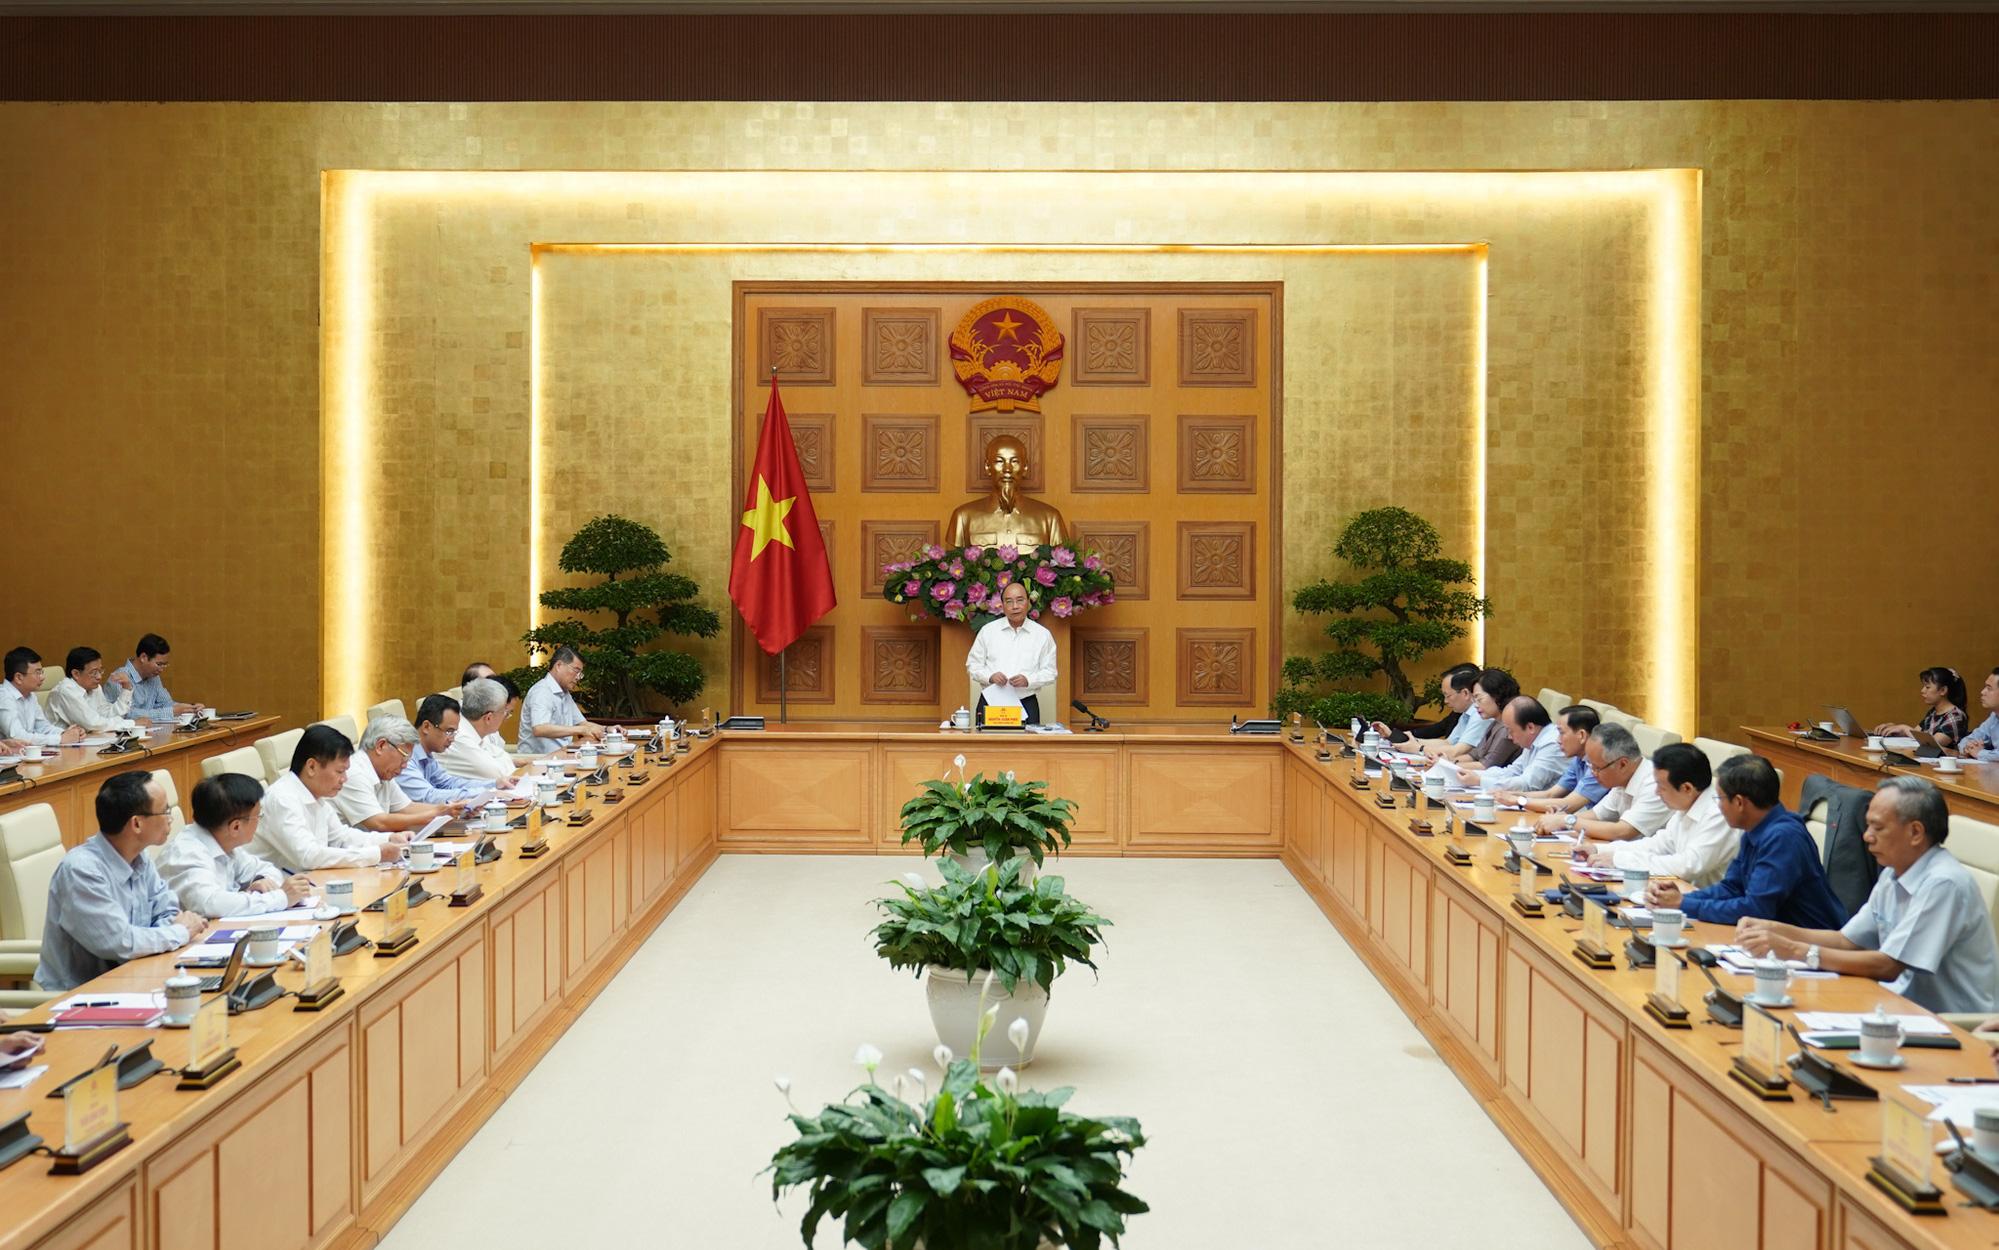 Thủ tướng: Bỏ lỡ cơ hội thu hút nguồn vốn xã hội, FDI khu vực và toàn cầu trong lúc dịch chuyển các dòng vốn là một sai lầm lớn